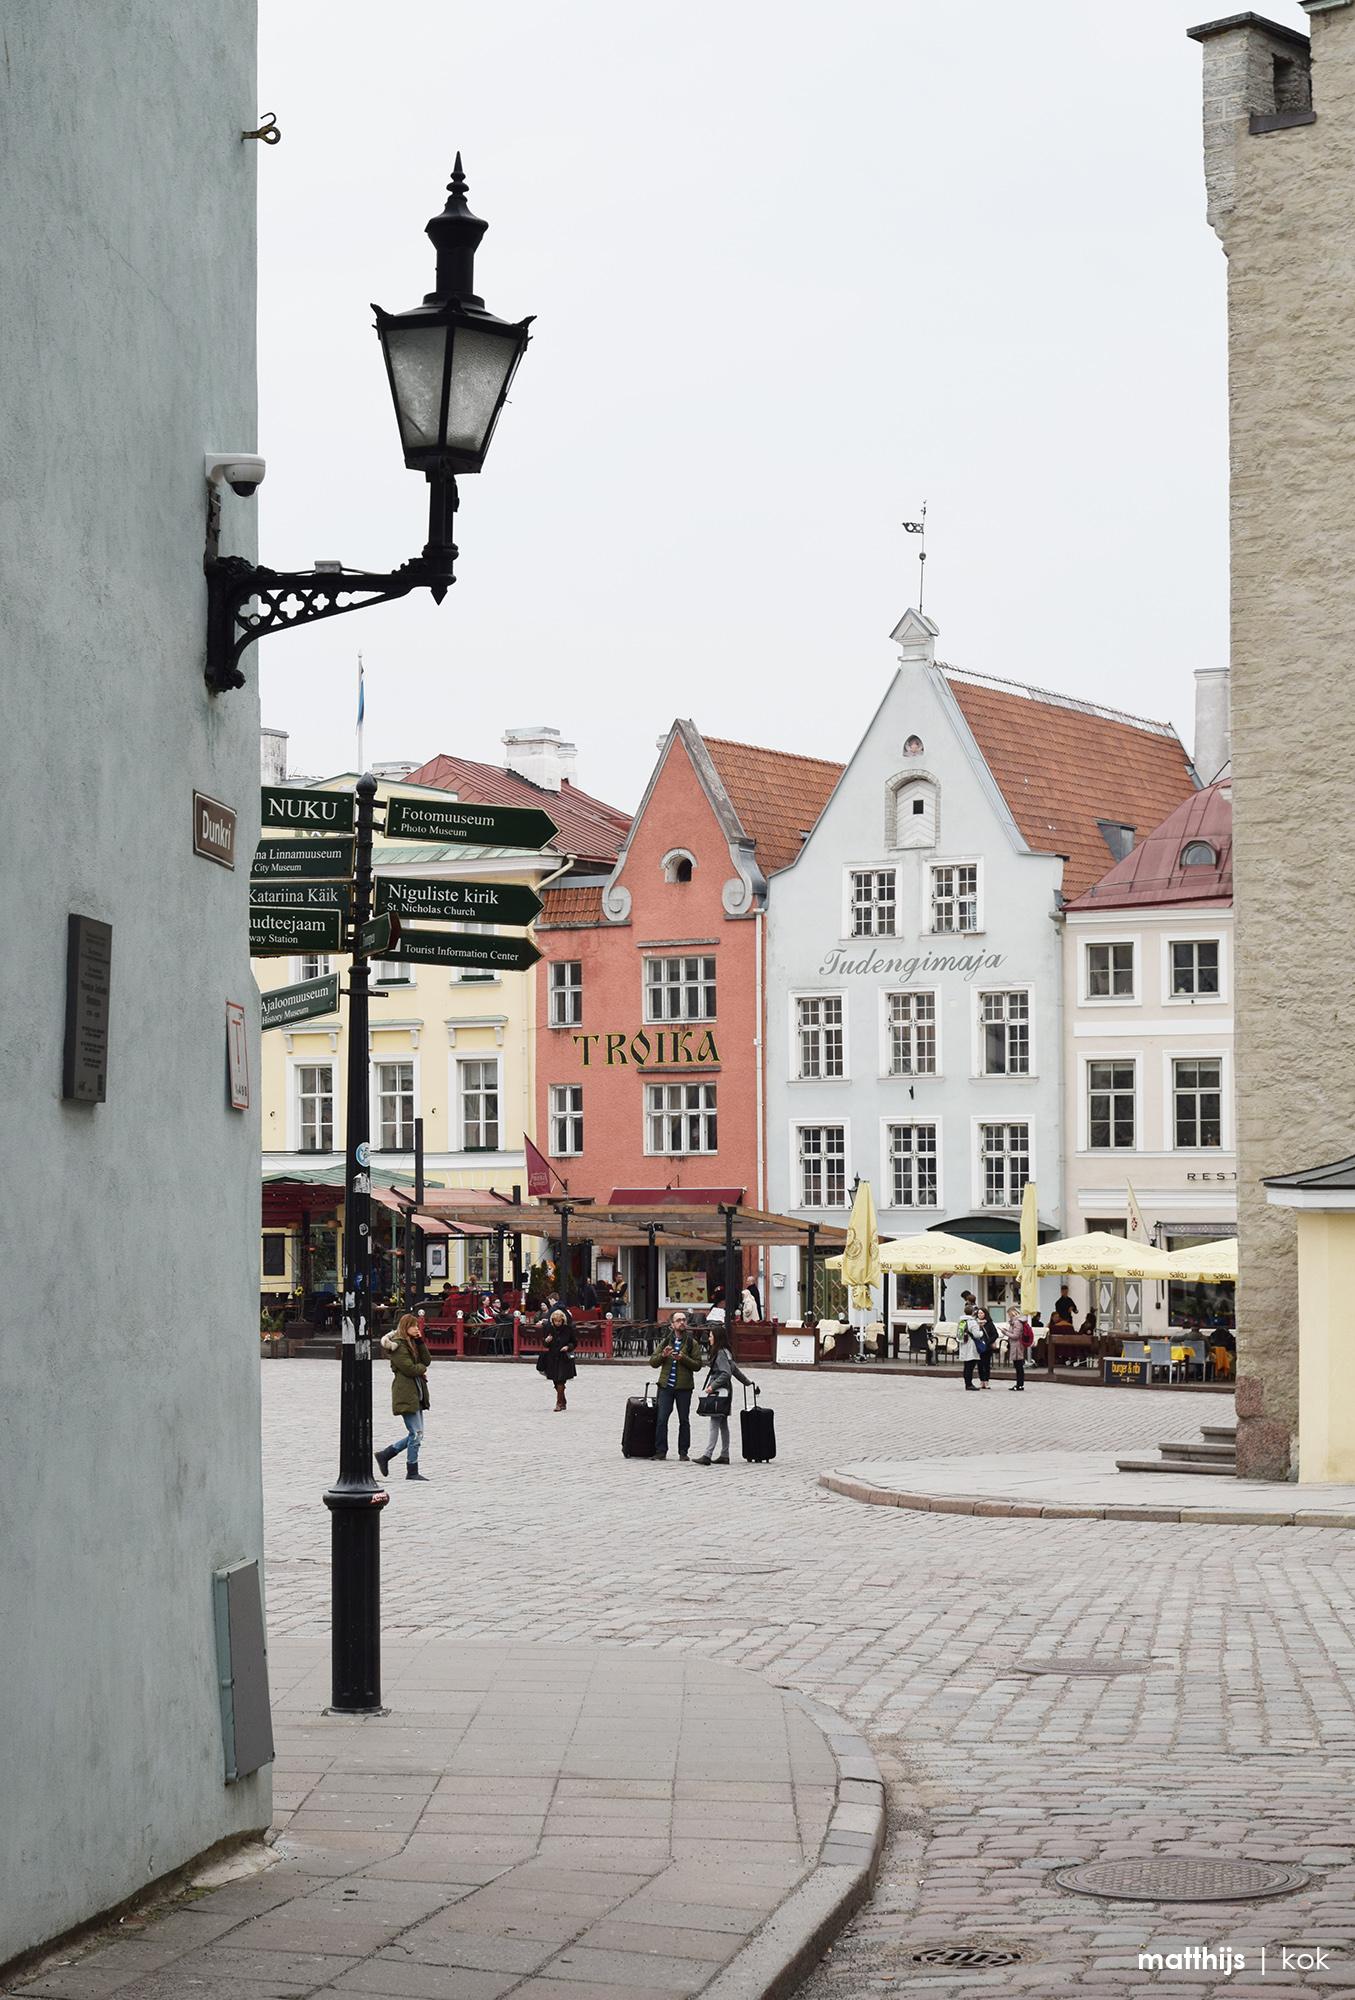 Raekoja plats, Tallinn Estonia   Photo by Matthijs Kok